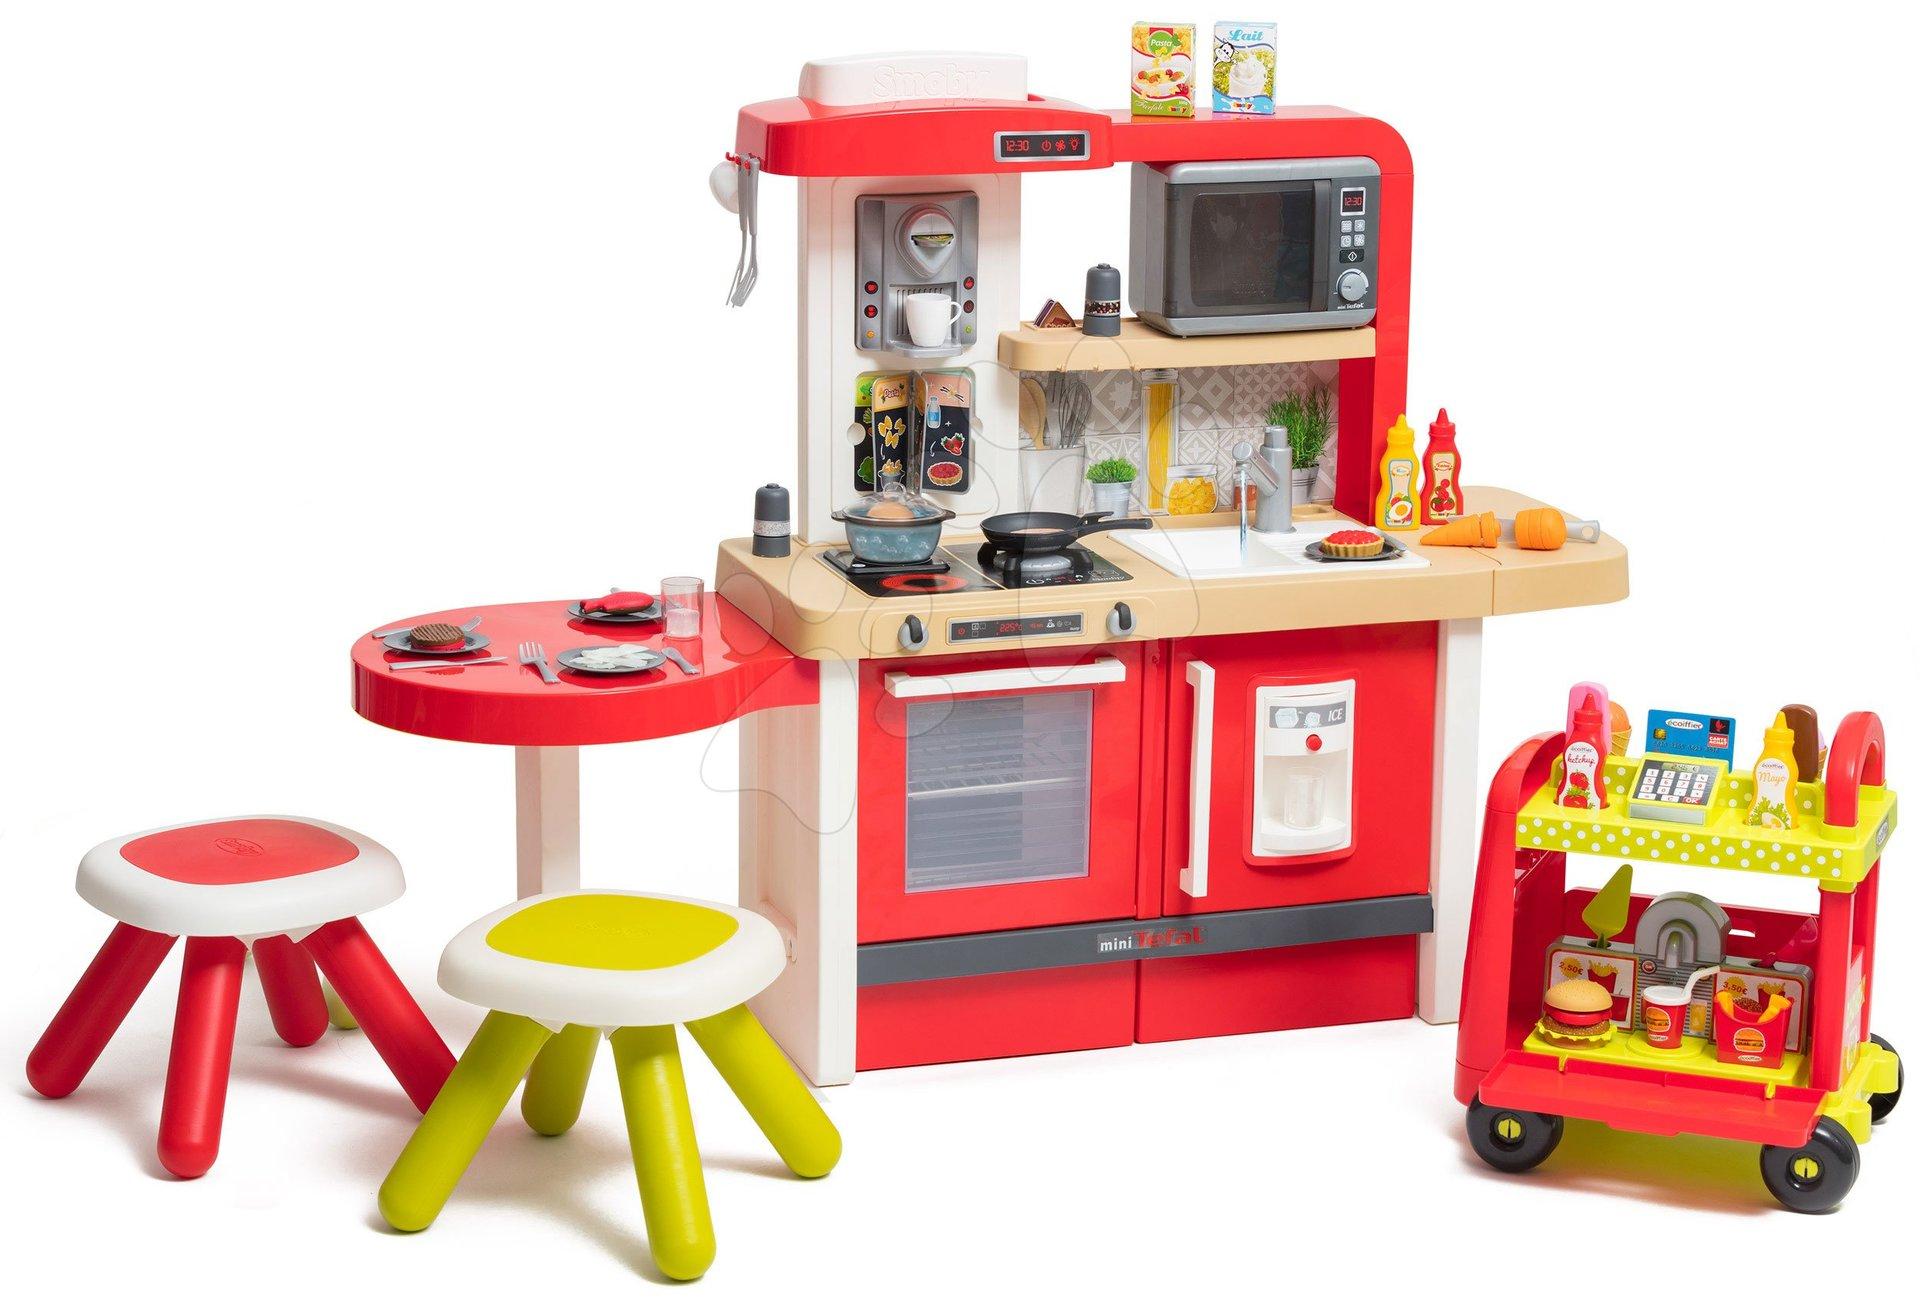 Kuchyňka rostoucí s tekoucí vodou a mikrovlnkou Tefal Evolutive Gourment Smoby dva stolečky a vozík s hamburgery